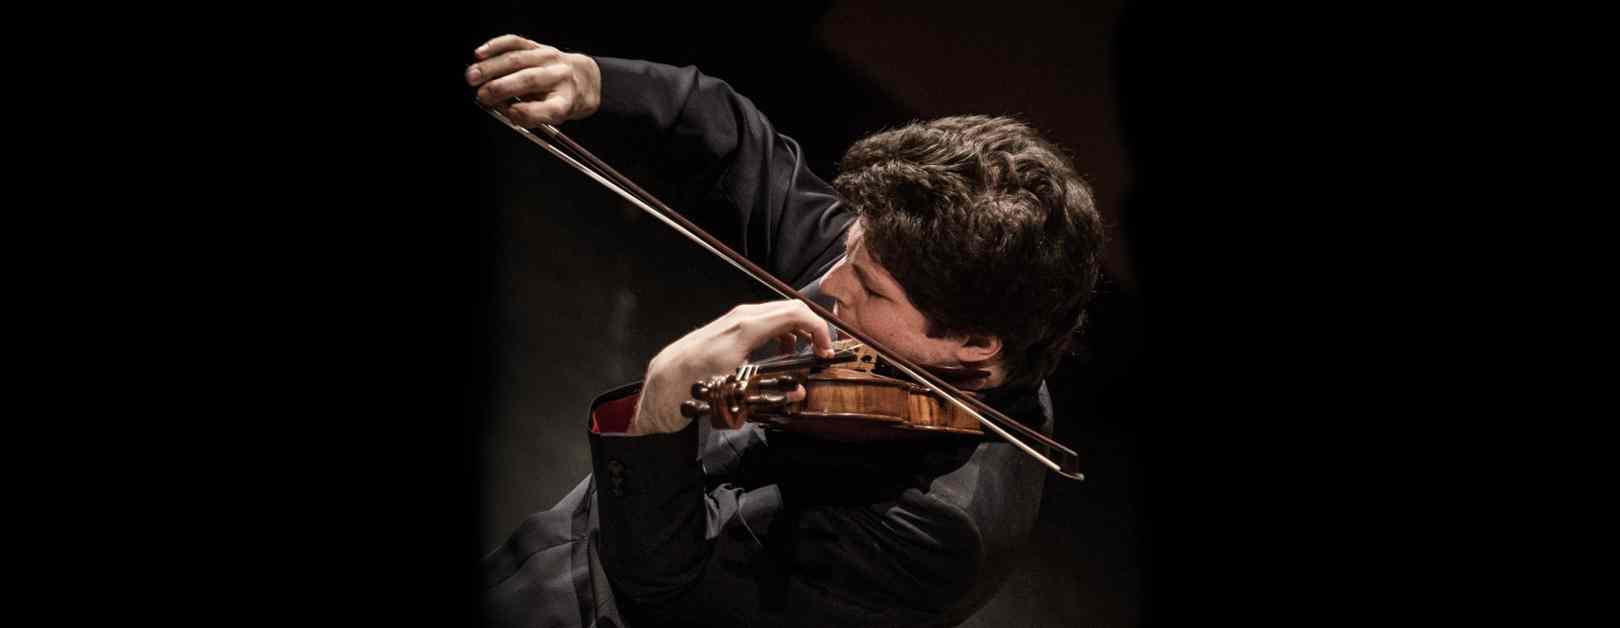 Dvorak's Violin Concerto